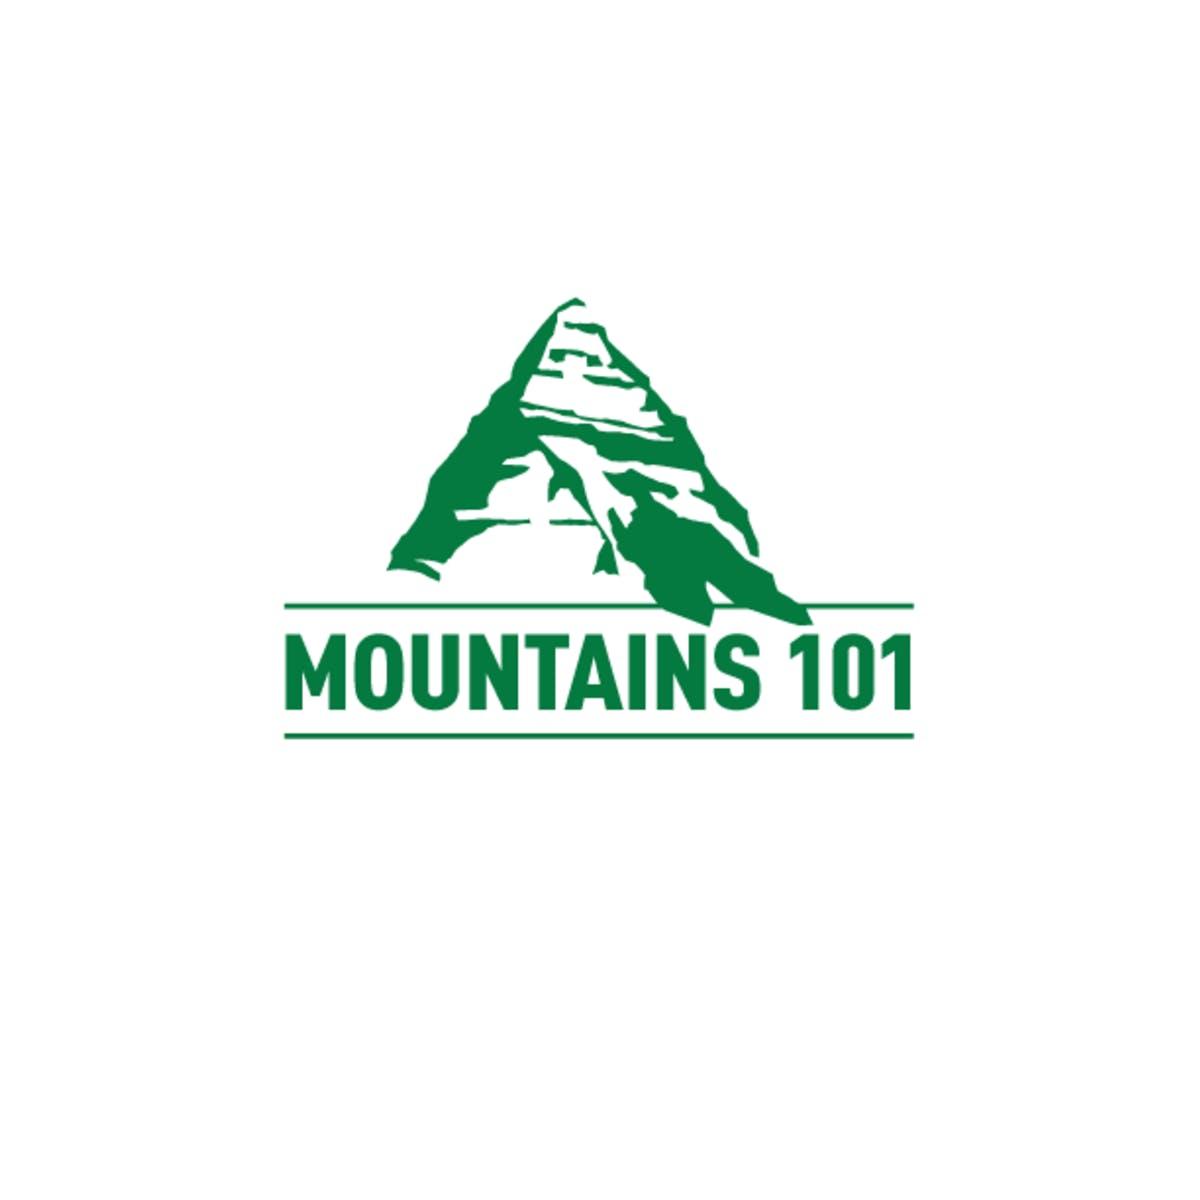 Mountains 101